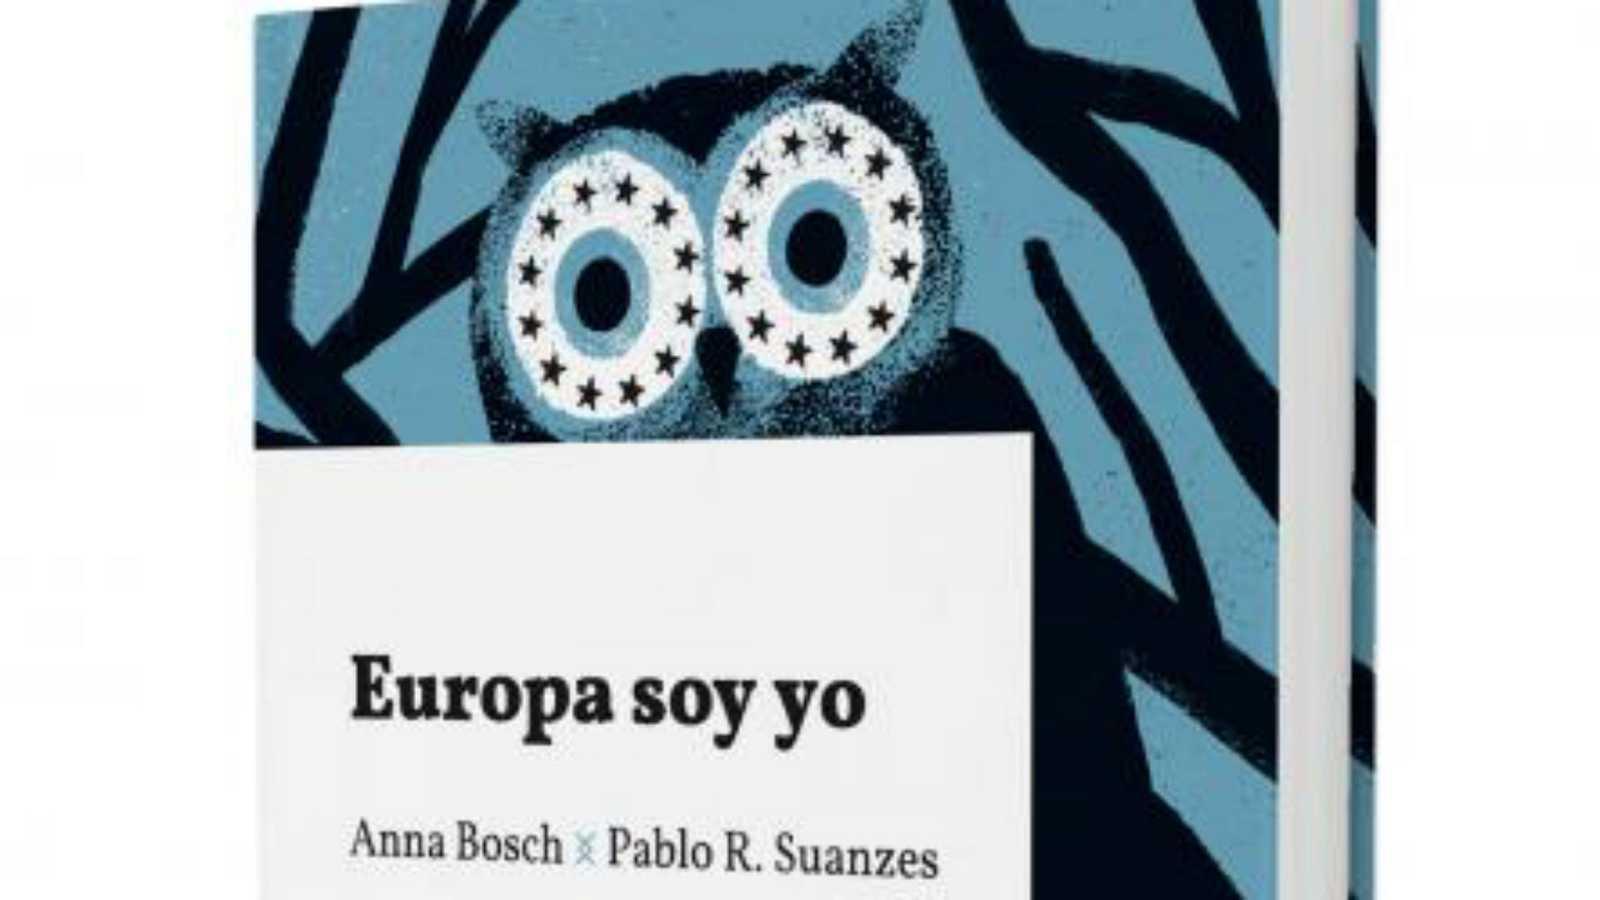 """24 horas - Anna Bosch y Pablo R. Suances: """"Europa soy yo"""""""